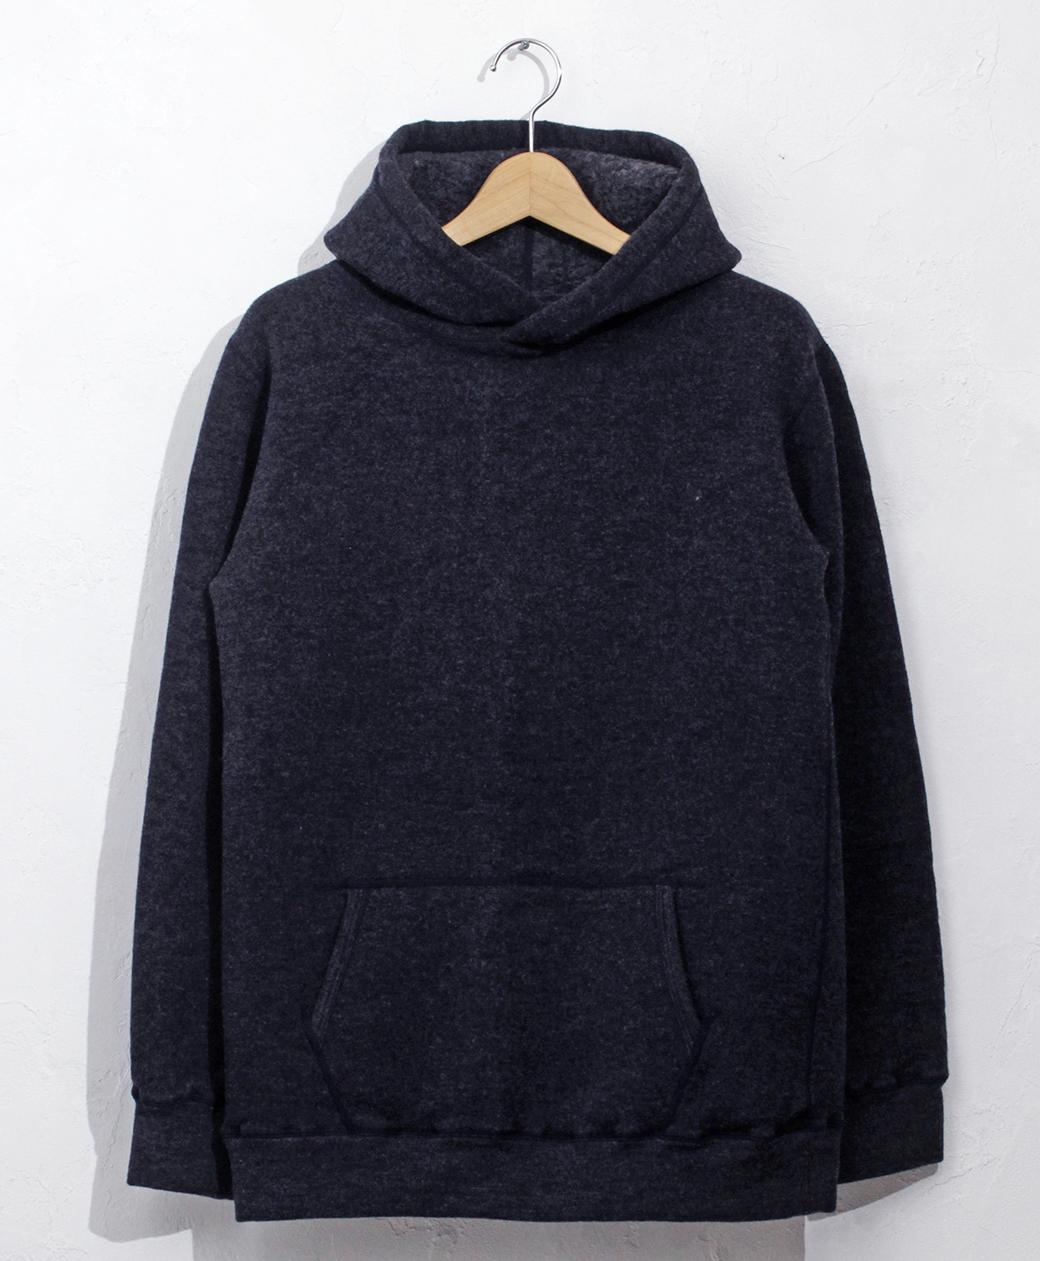 yetina pullover hoodie(Iron Navy)